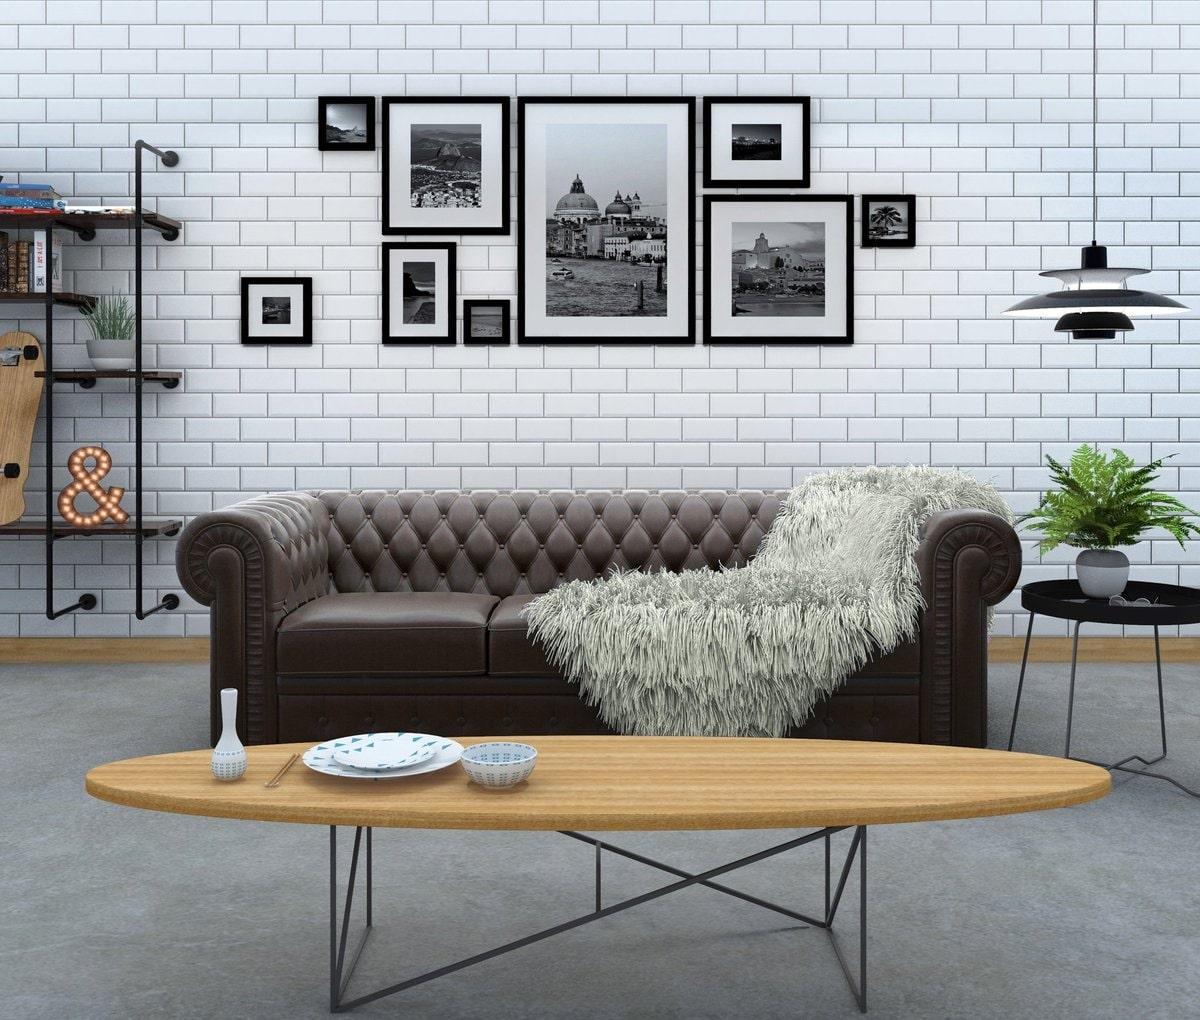 nội thất theo phong cách urban